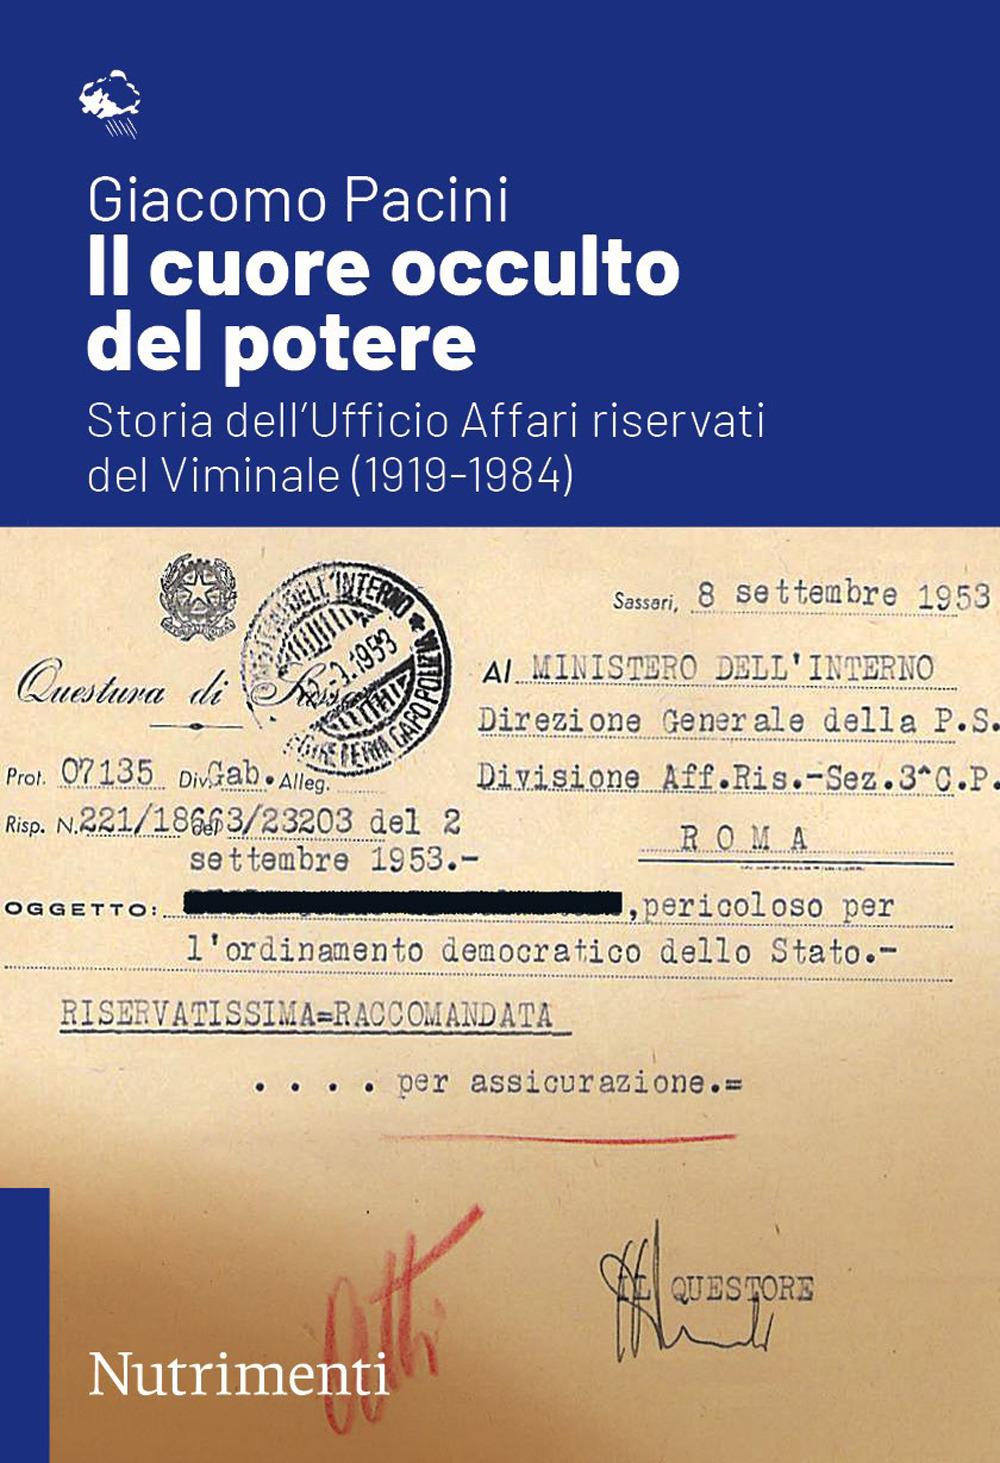 CUORE OCCULTO DEL POTERE. STORIA DELL'UFFICIO AFFARI RISERVATI DEL VIMINALE (1919-1984) (IL) - Pacini Giacomo - 9788865948354